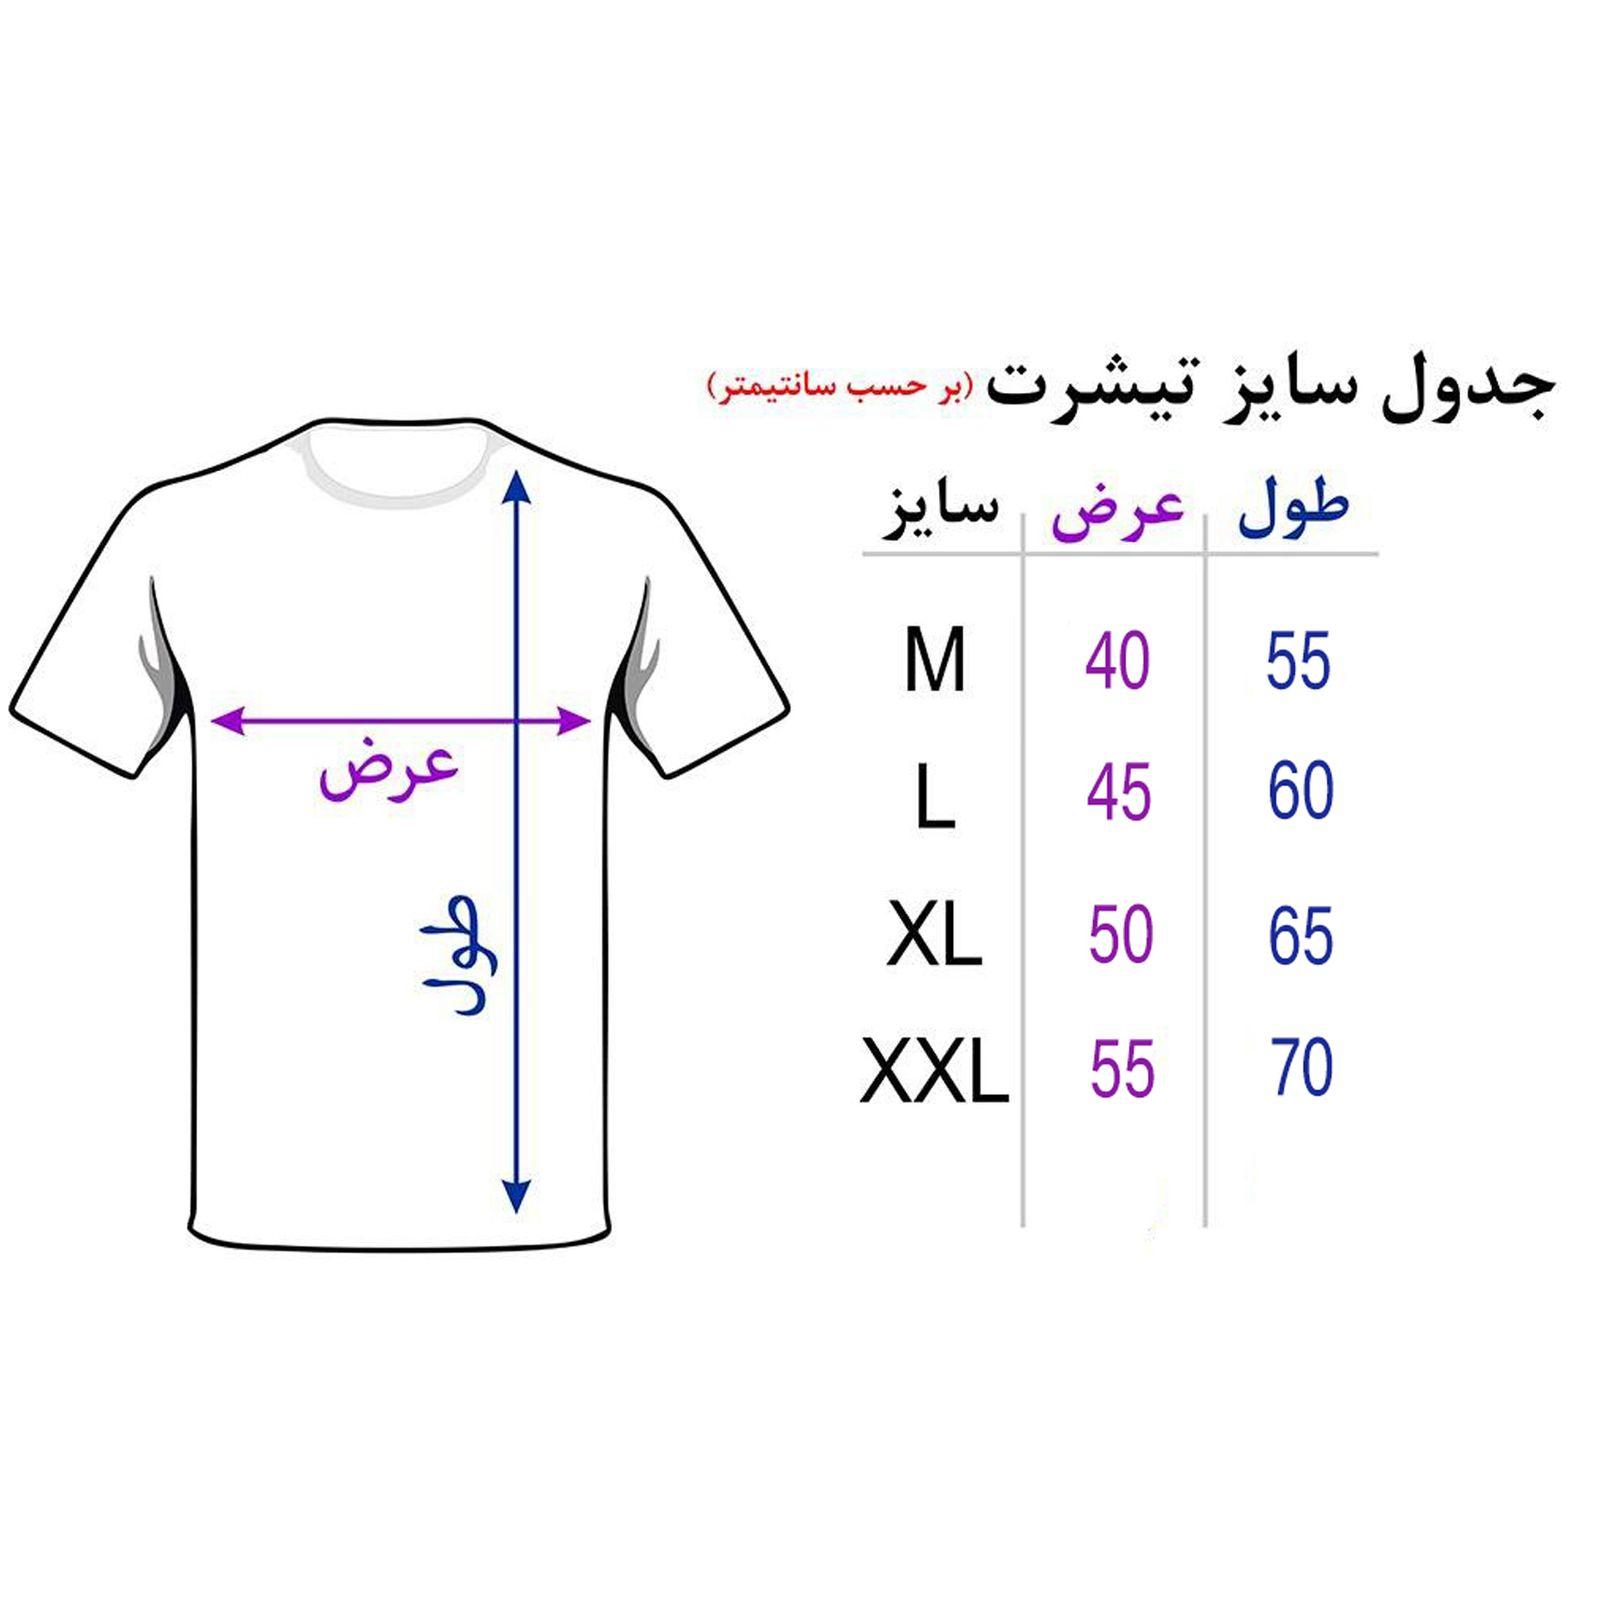 تی شرت آستین کوتاه مردانه 27 طرح عقاب کد TR05 رنگ مشکی -  - 4